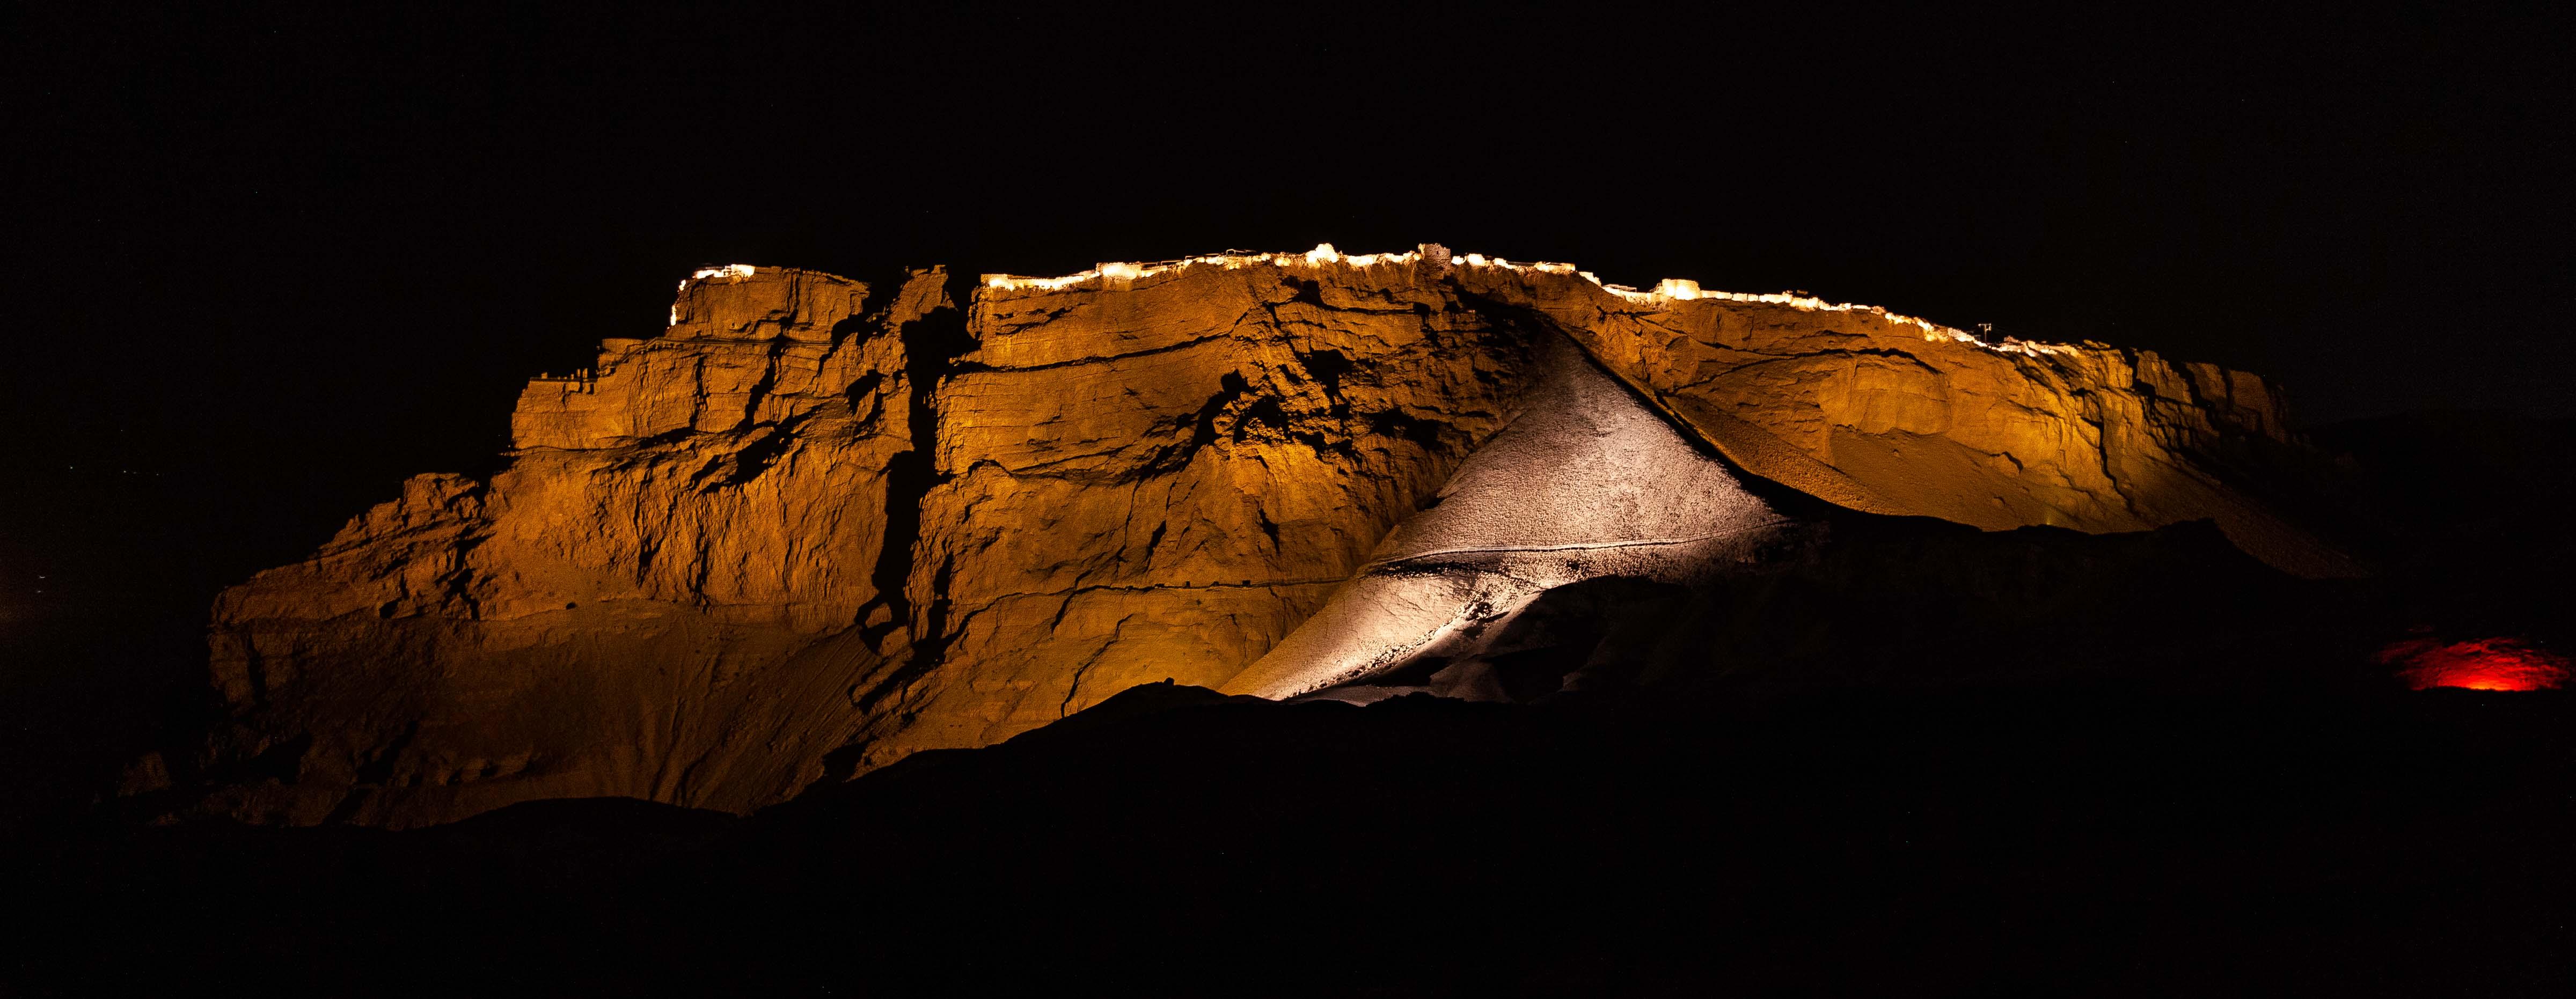 Israel, Southern Prov, Masada At Night, 2012, IMG 6415